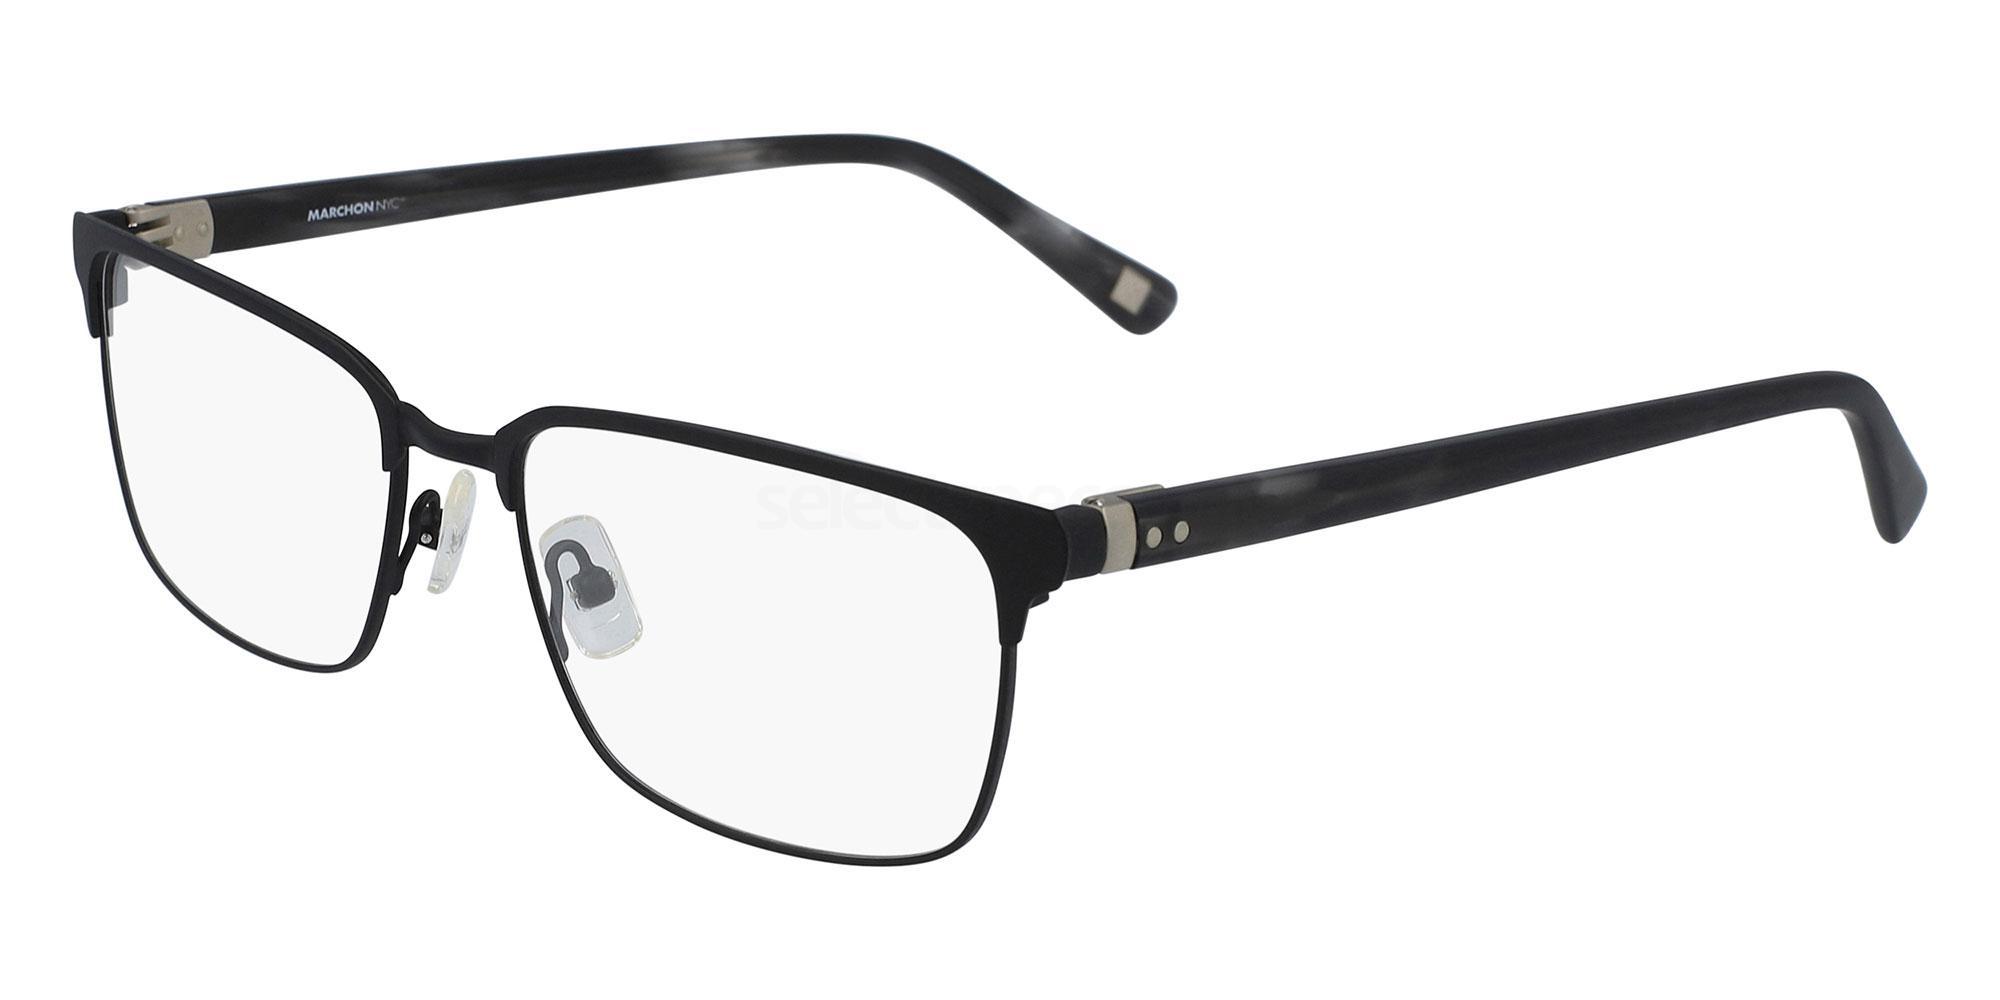 001 M-2004 Glasses, Marchon